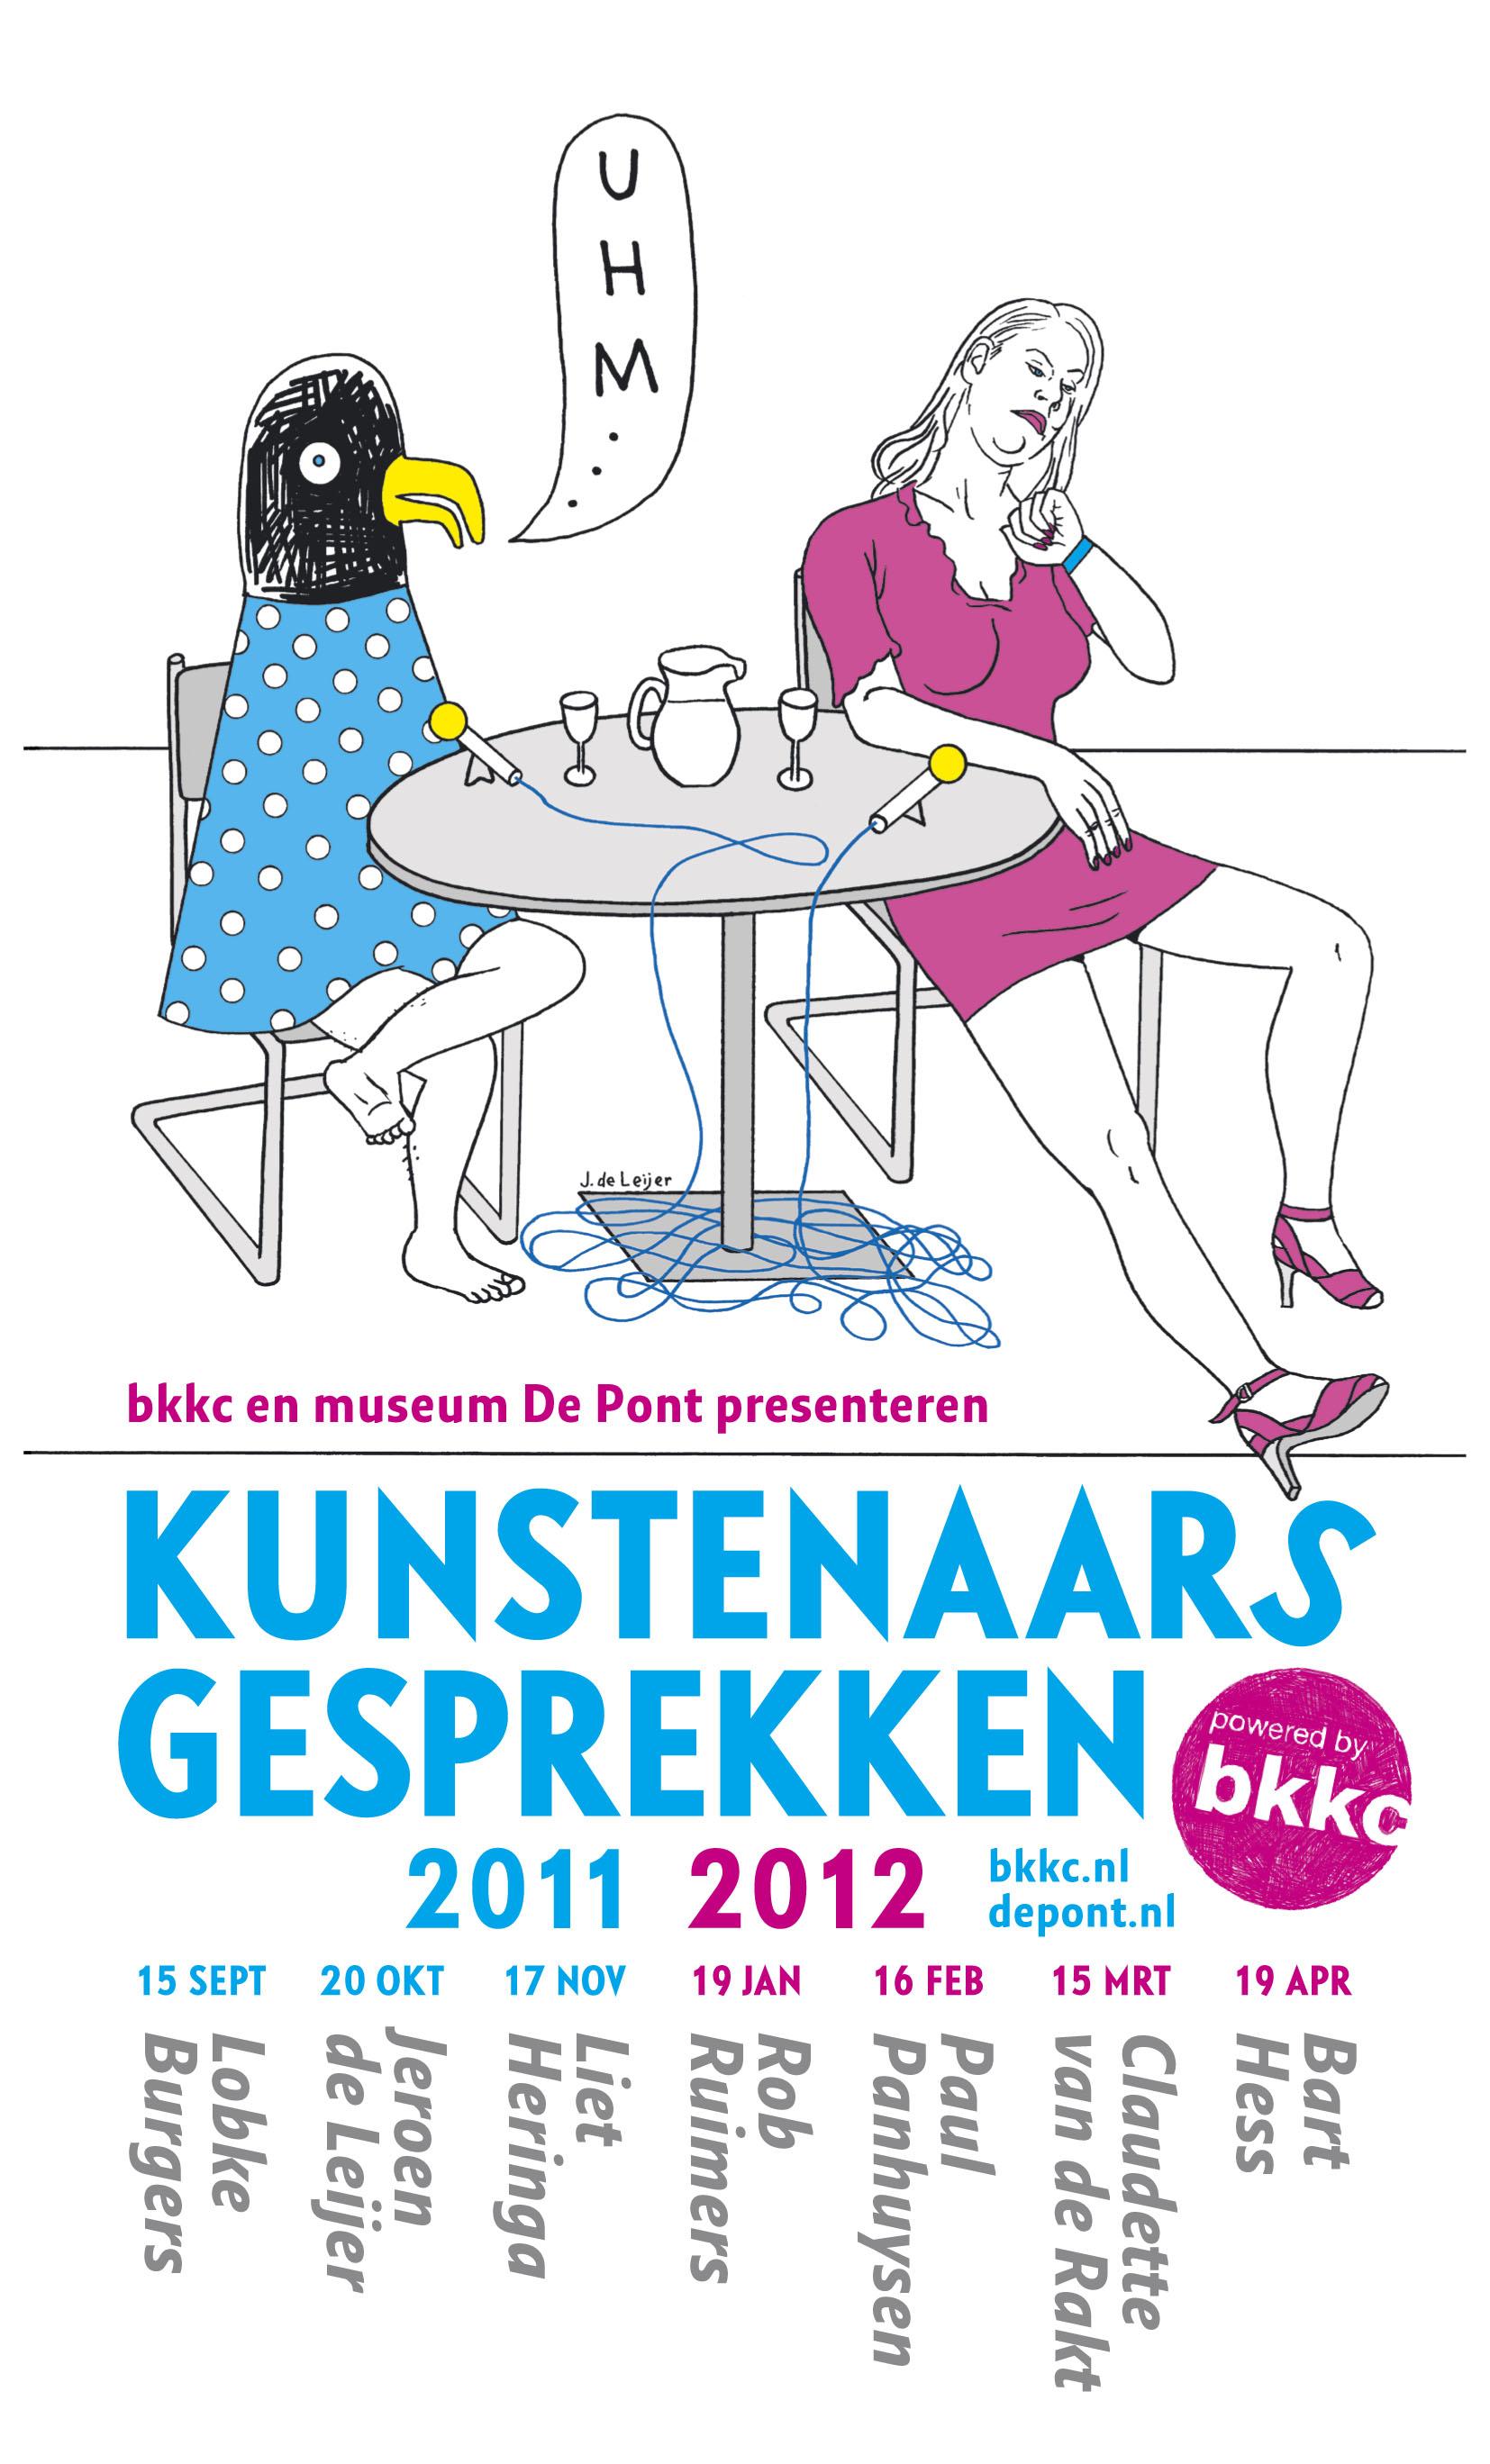 bkkc_posterkleur.jpg